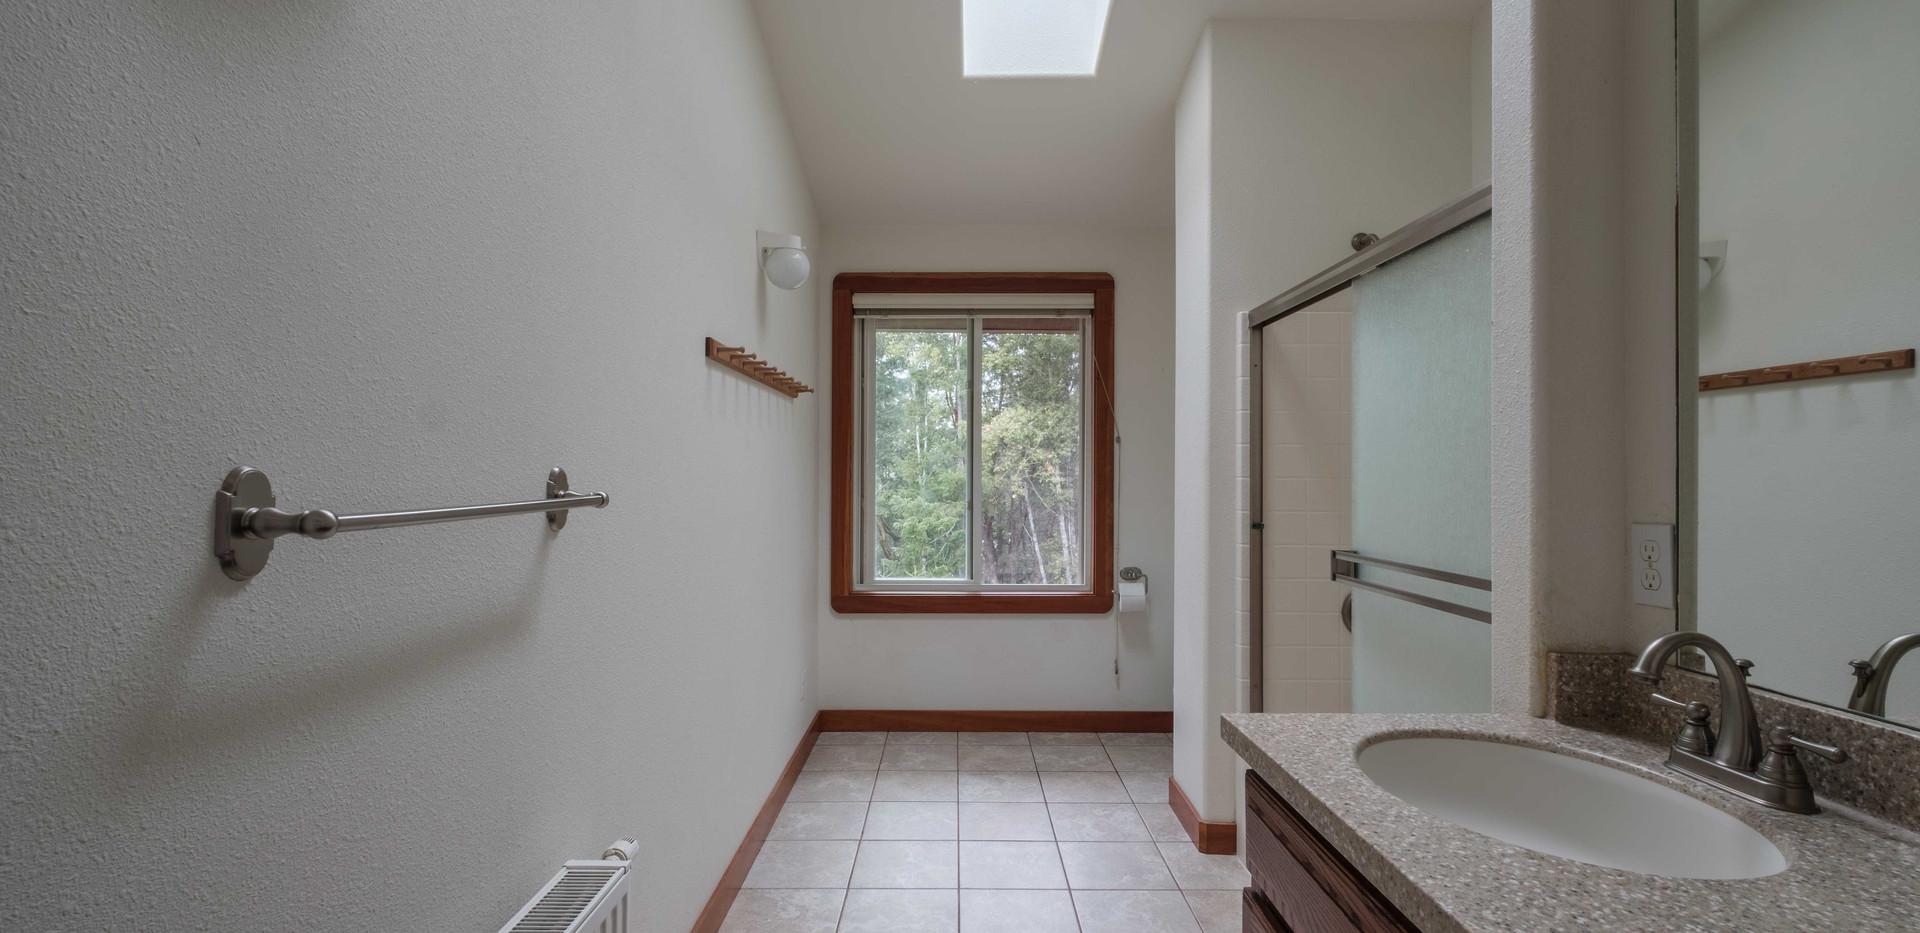 House_Up_Bath_01.jpg